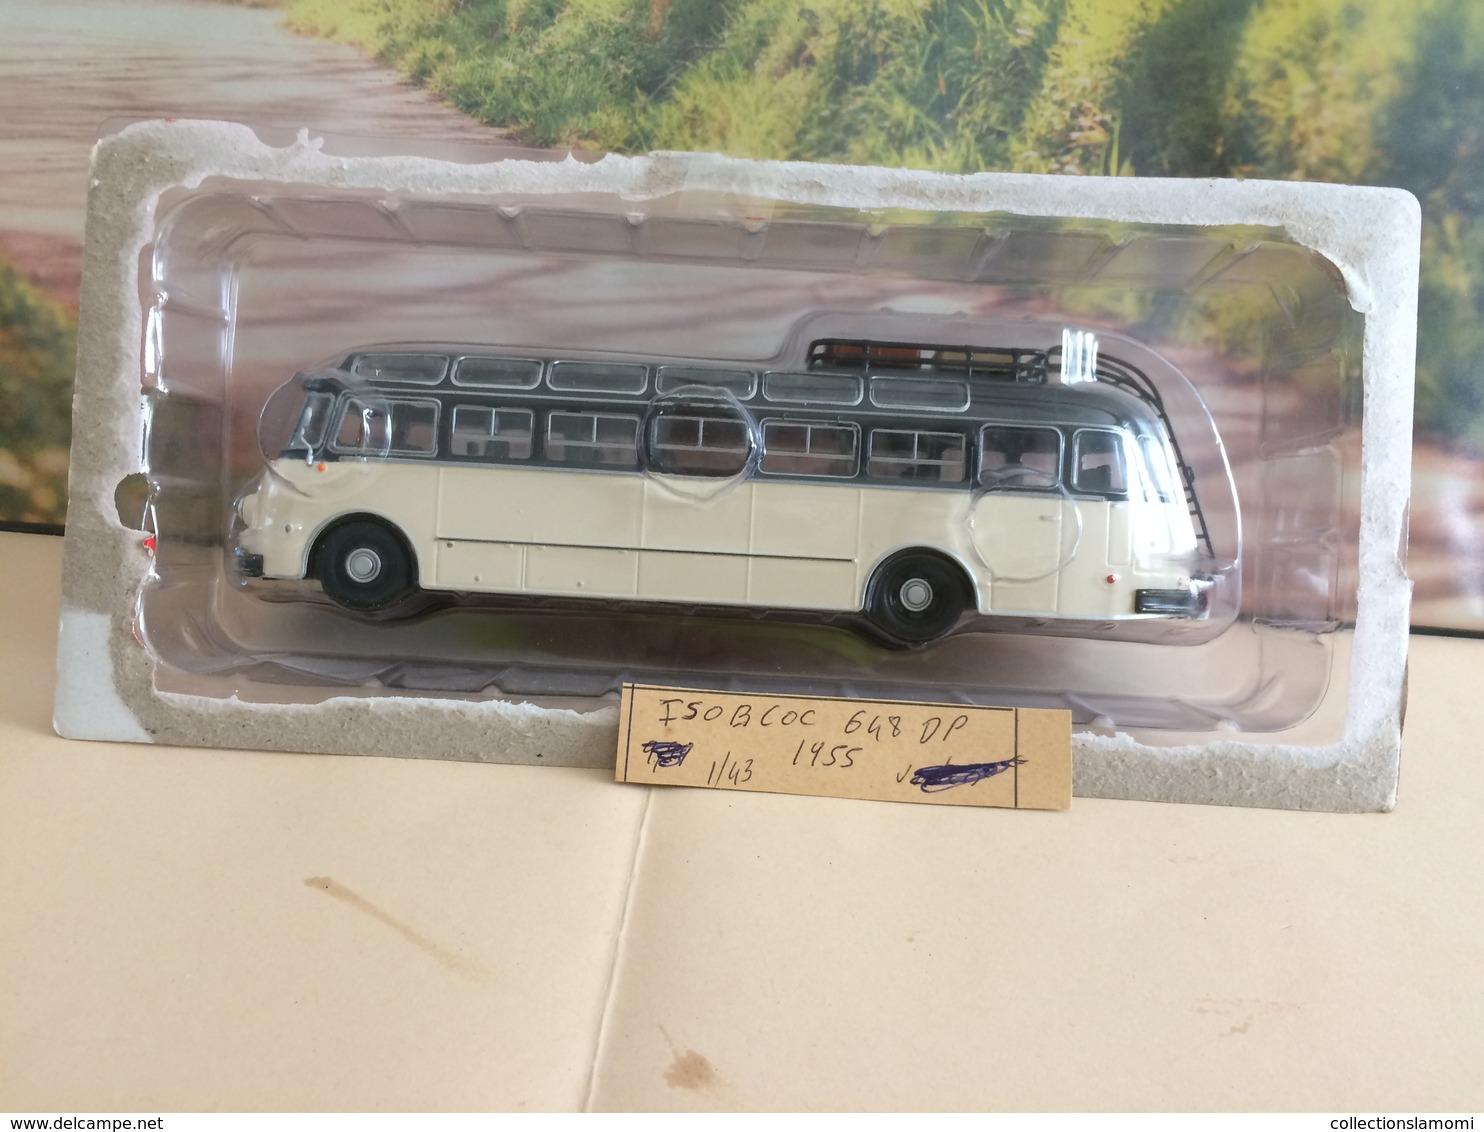 Bus-  Isobloc 648 DP - 1955 - échelle 1/43  Neuf Métal - Voir Photos (envoie Colissimo) - Commercial Vehicles